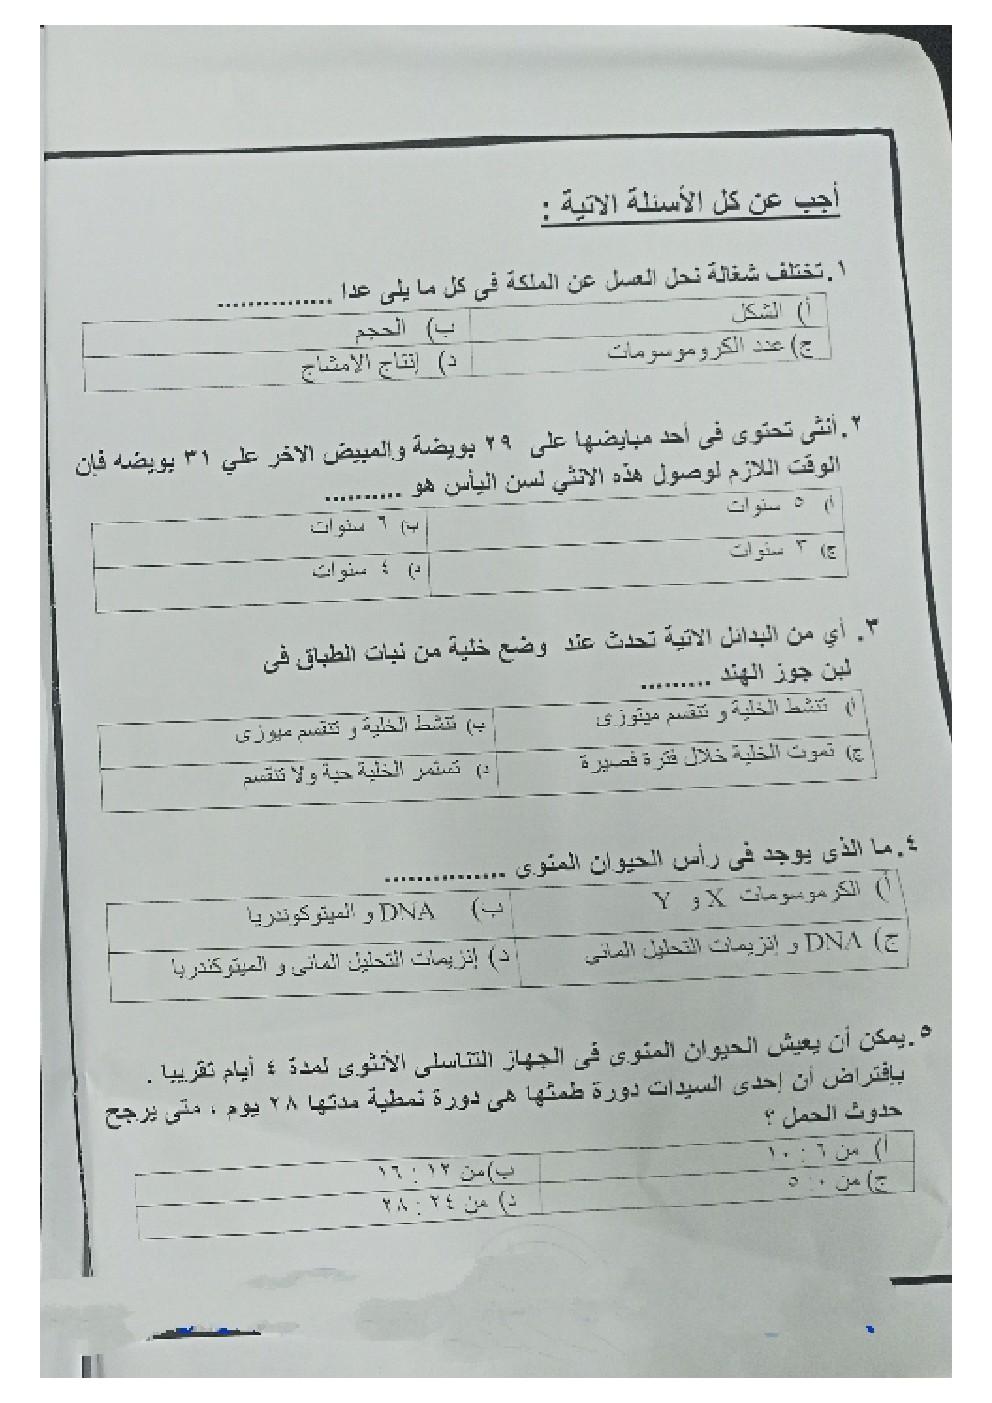 مراجعة الأحياء للصف الثالث الثانوى.. اختبار تكاثر  أ/ حسن بدران  Talb_o32